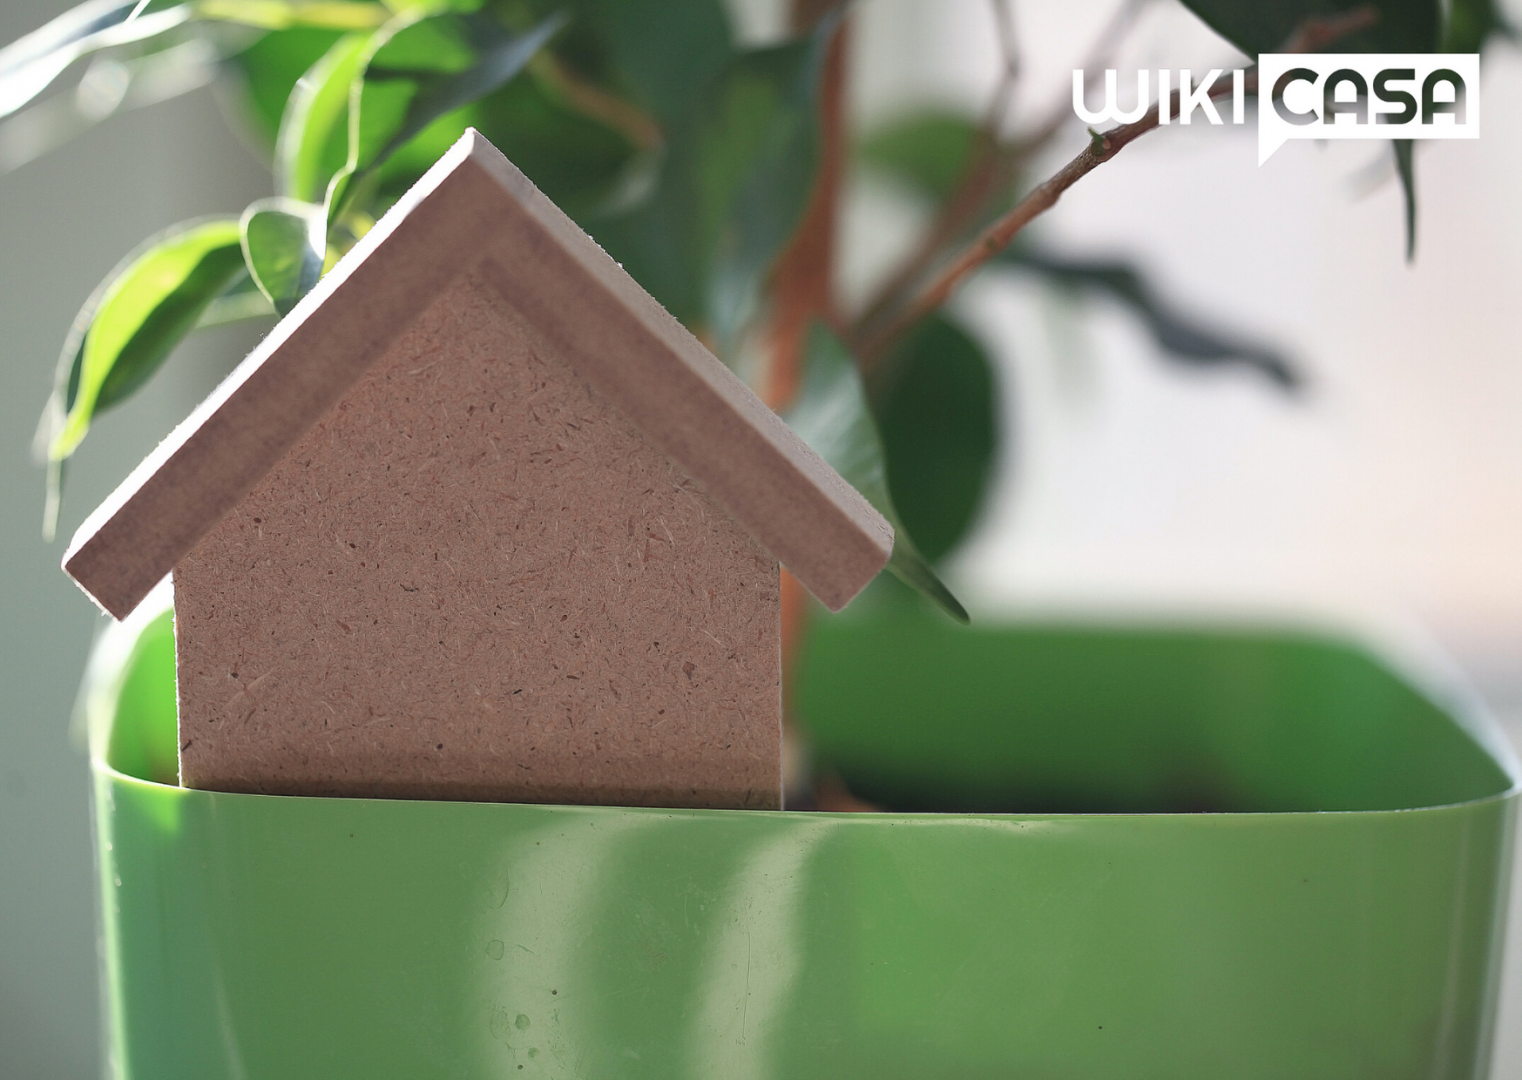 Mutui: ecco perché è un buon momento per comprar casa